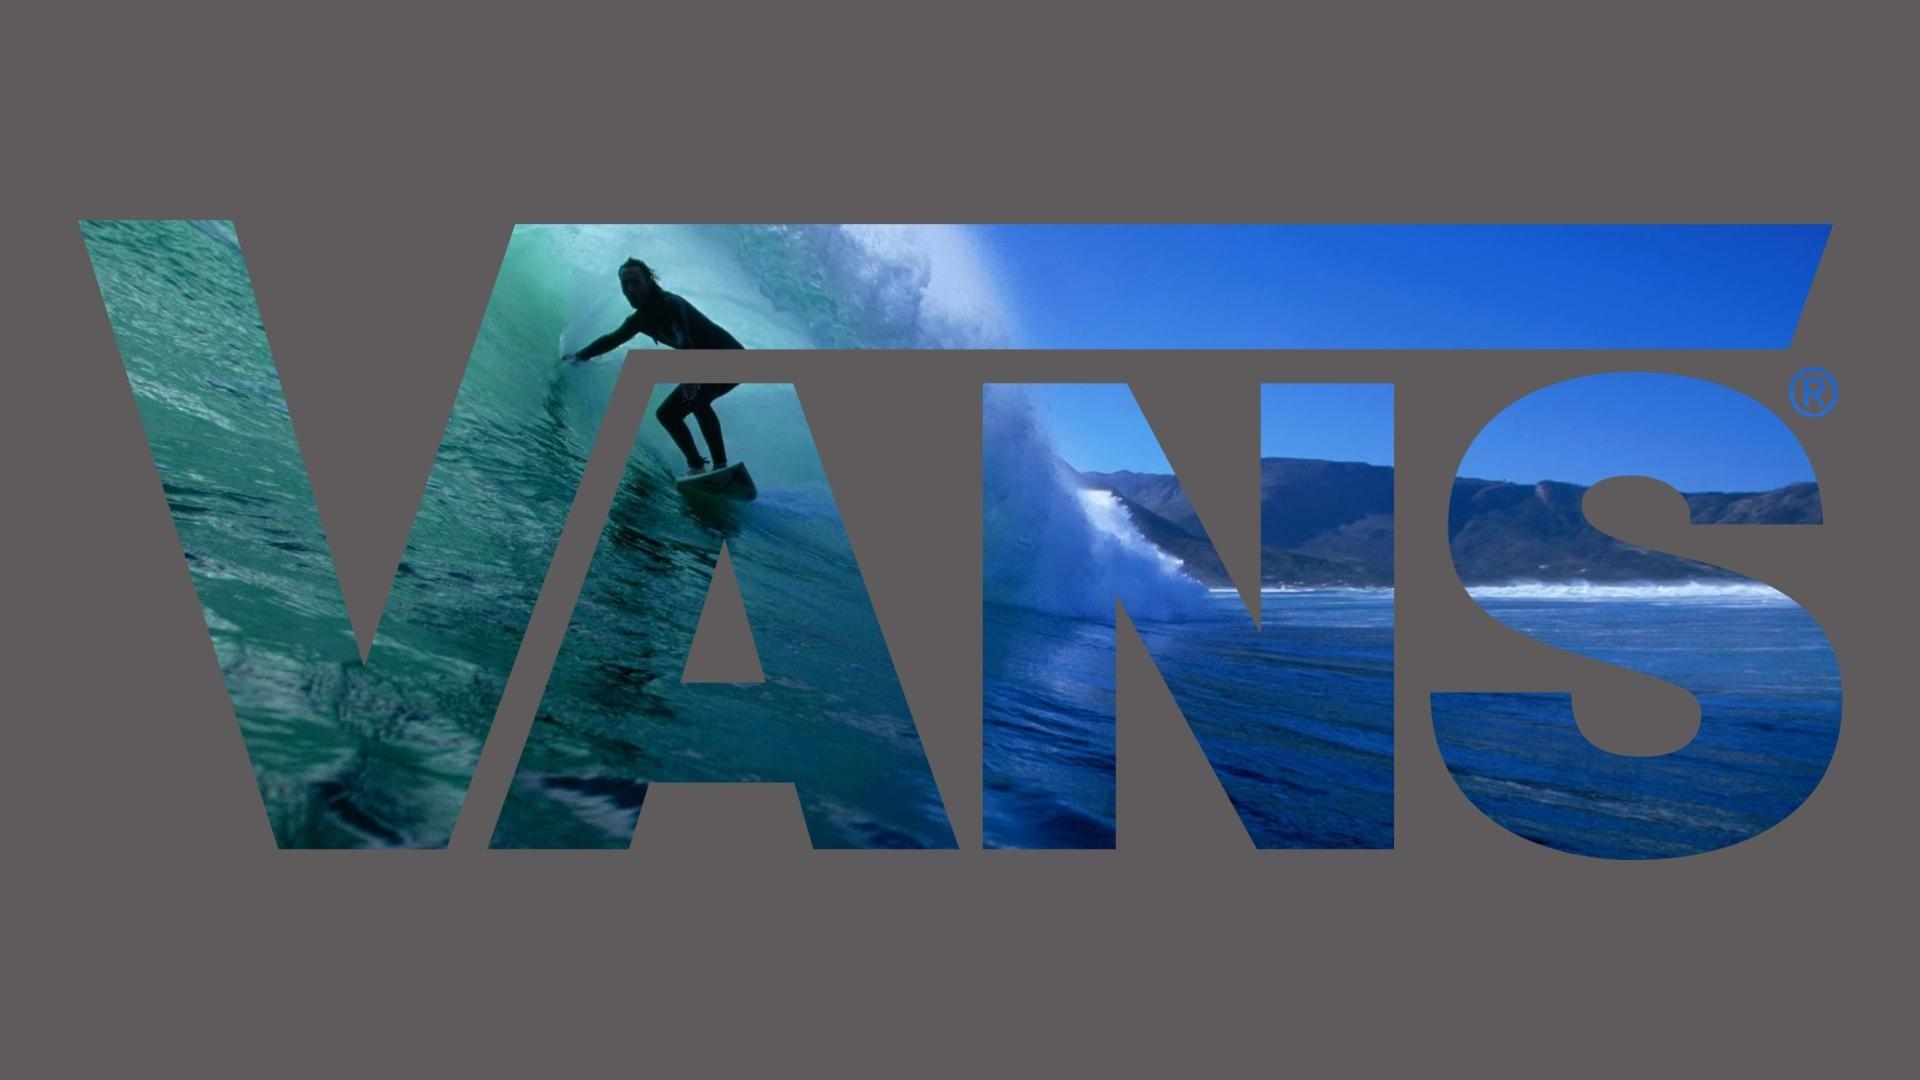 Vans-surfing-desktop-one-wallpapers-HD